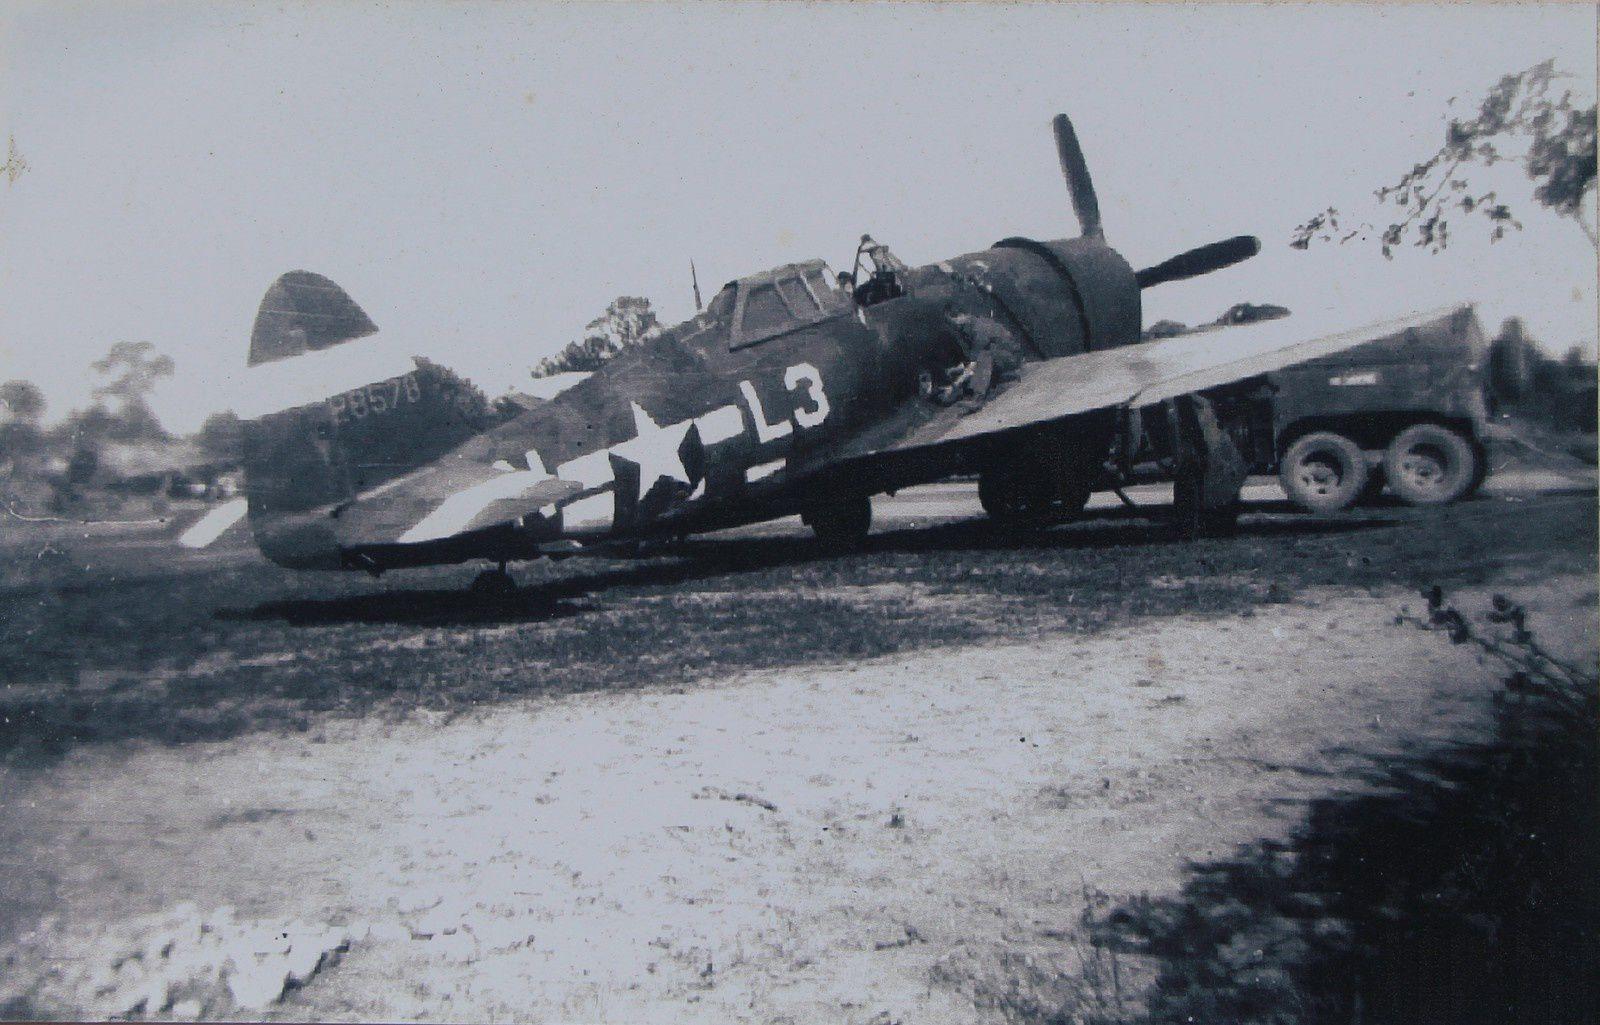 Un P47 faisant le plein sur l'aérodrome de Louplande. Il s'agit de l'ancien modèle du P47 avec une verrière qui laisse un angle mort d'environ 20° à l'arrière.